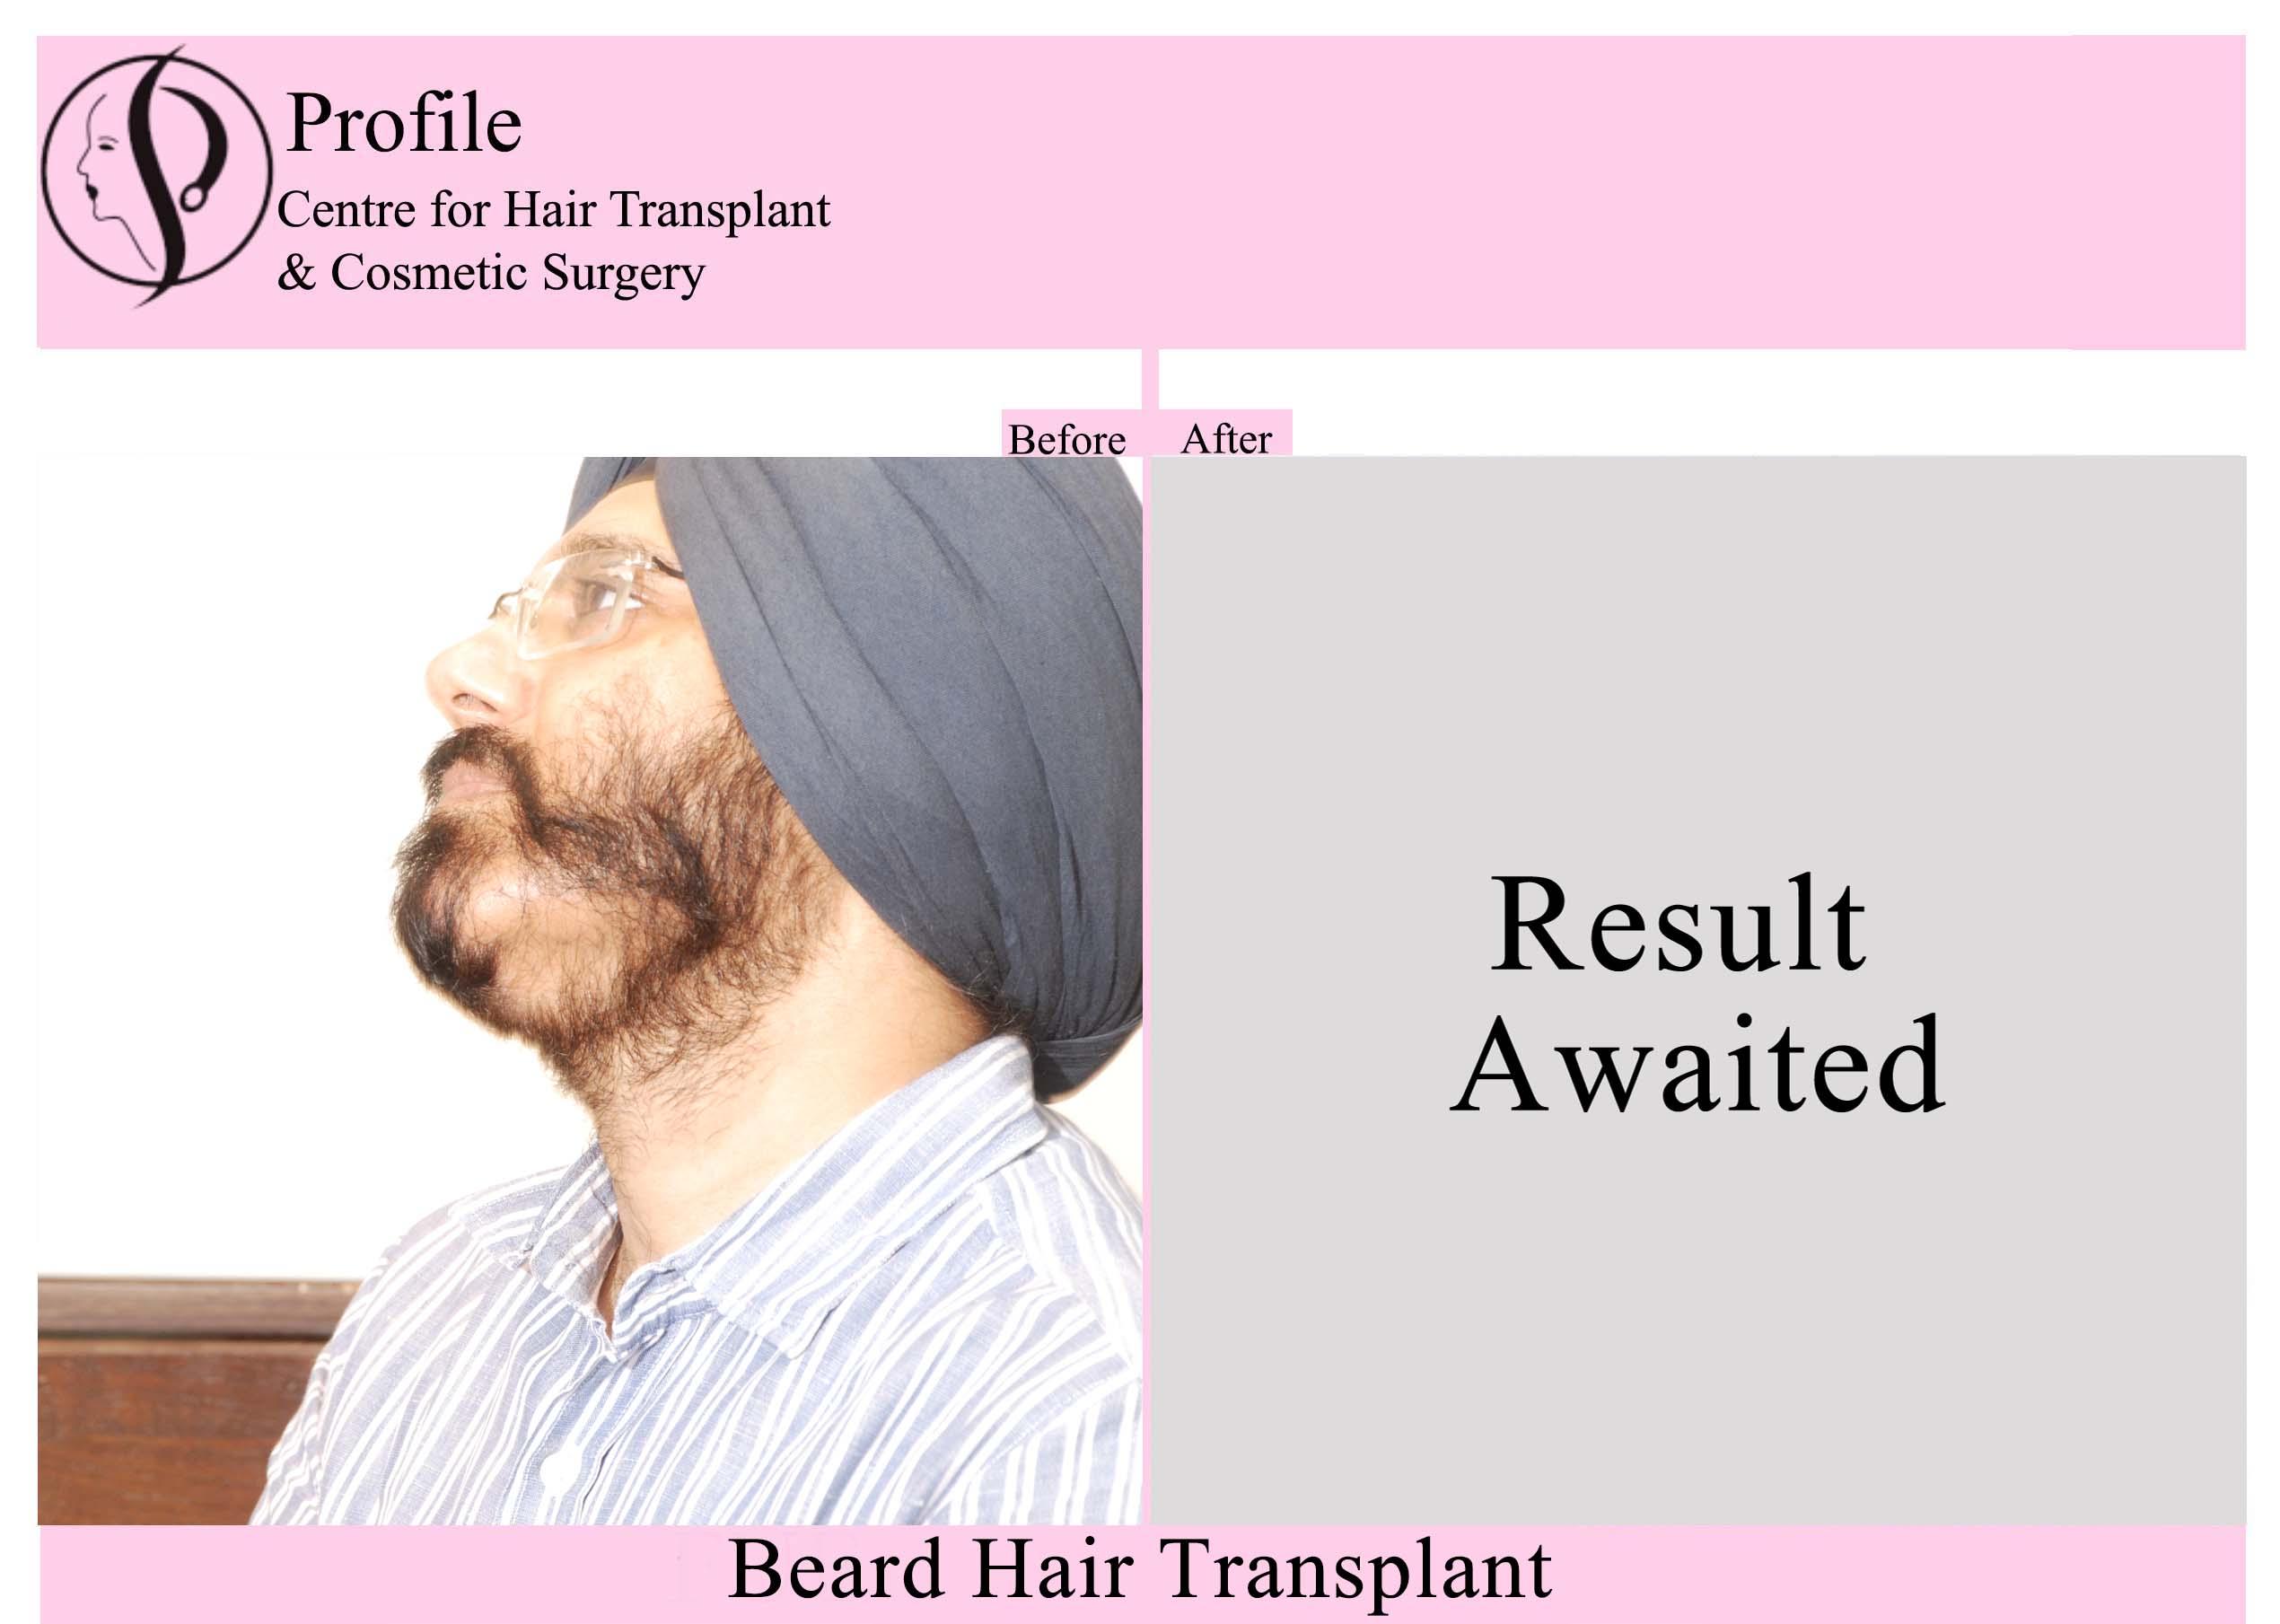 Dr. Paramjit Singh